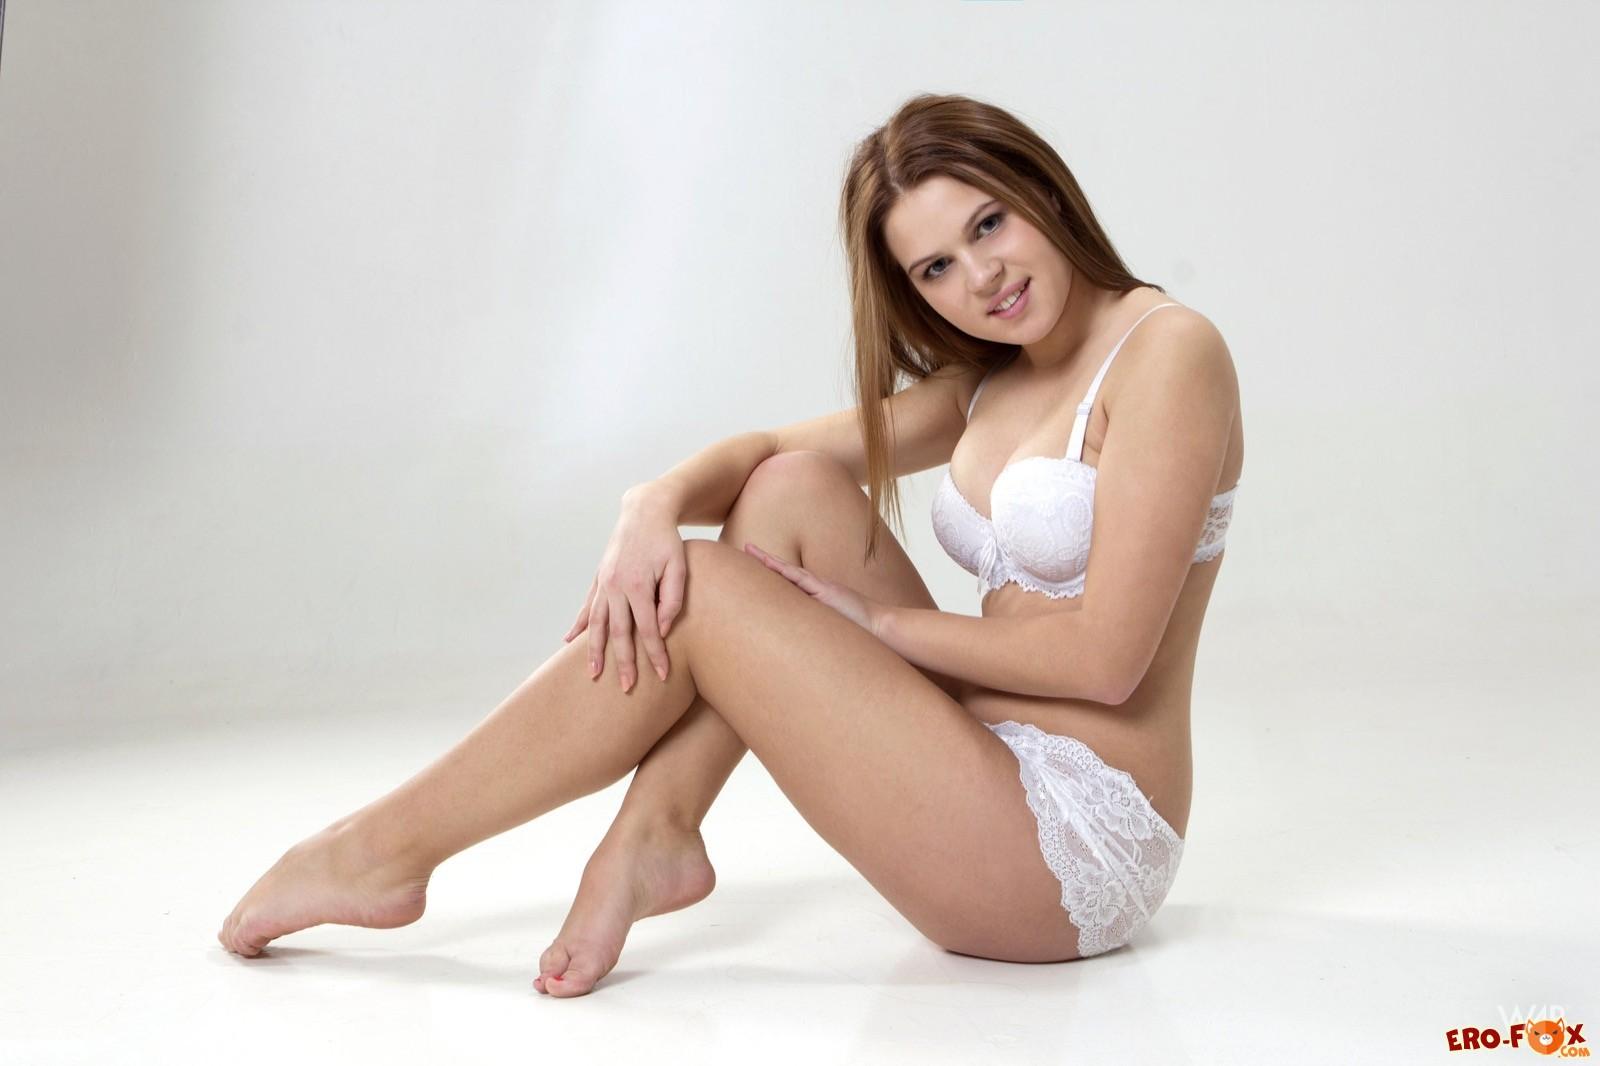 Красивая молодая модель позирует голой в фотостудии - эротика